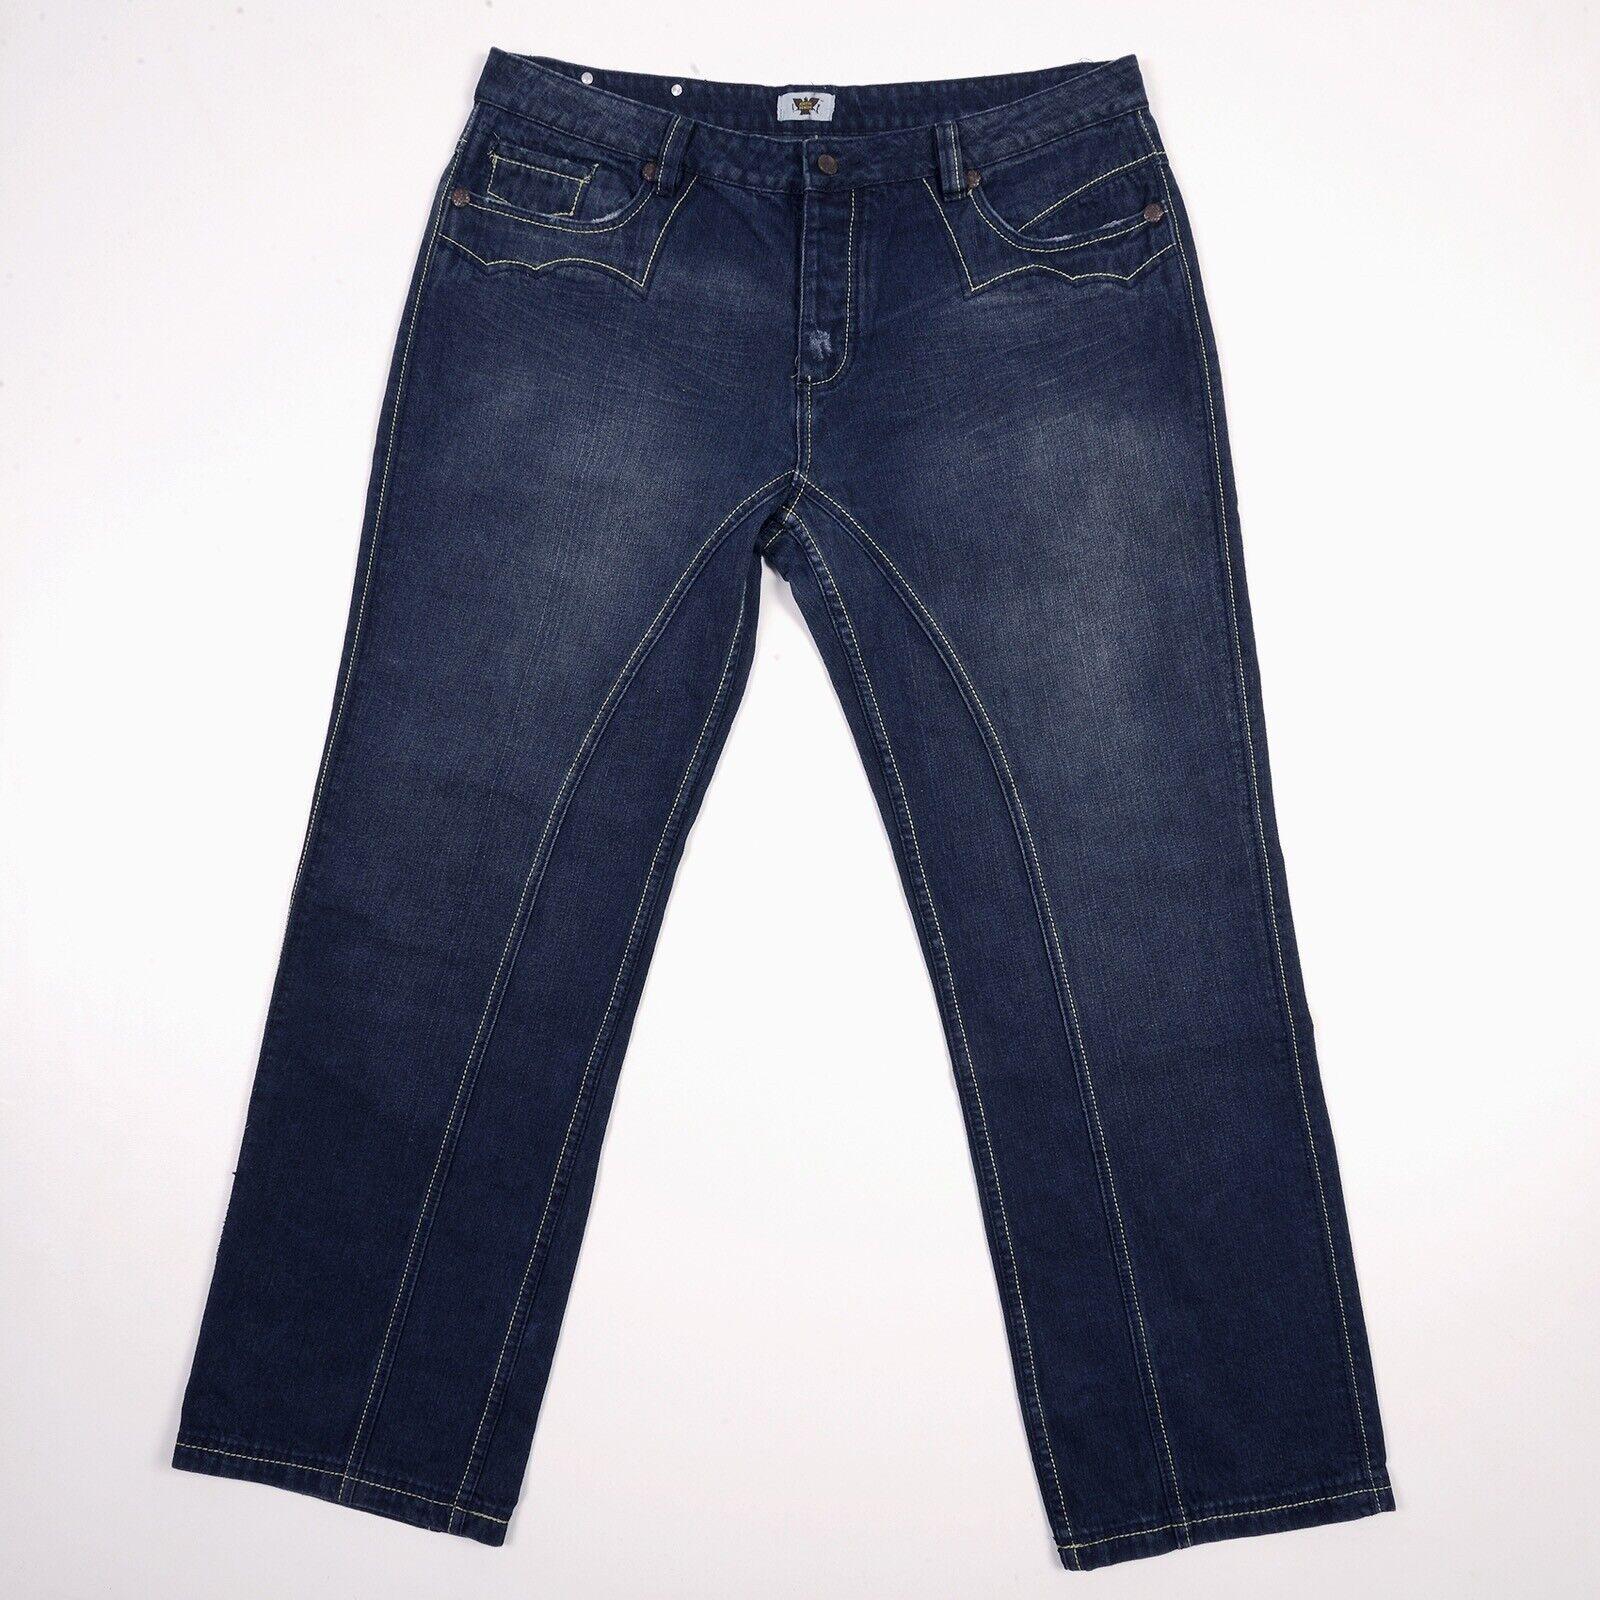 ANTIK Denim Jeans Western Topstitched Embellished Mens 38 x 33 Dark NWOT